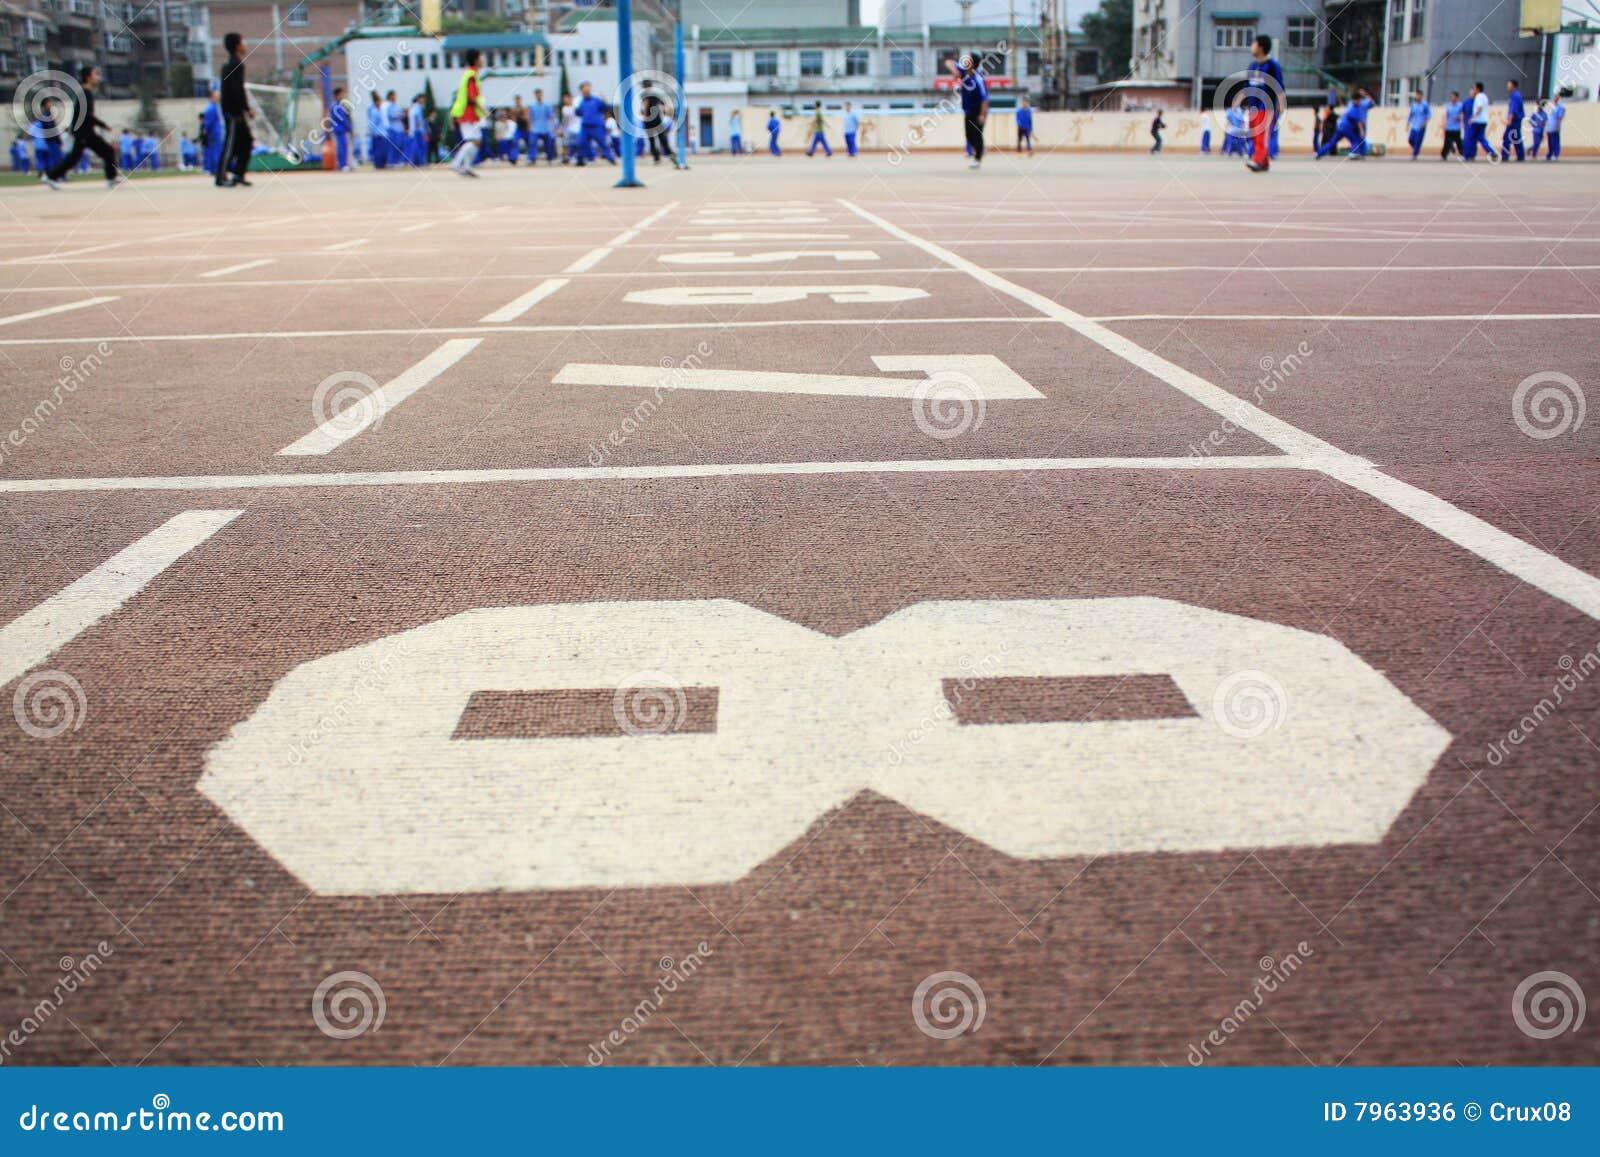 Cour de jeu et piste